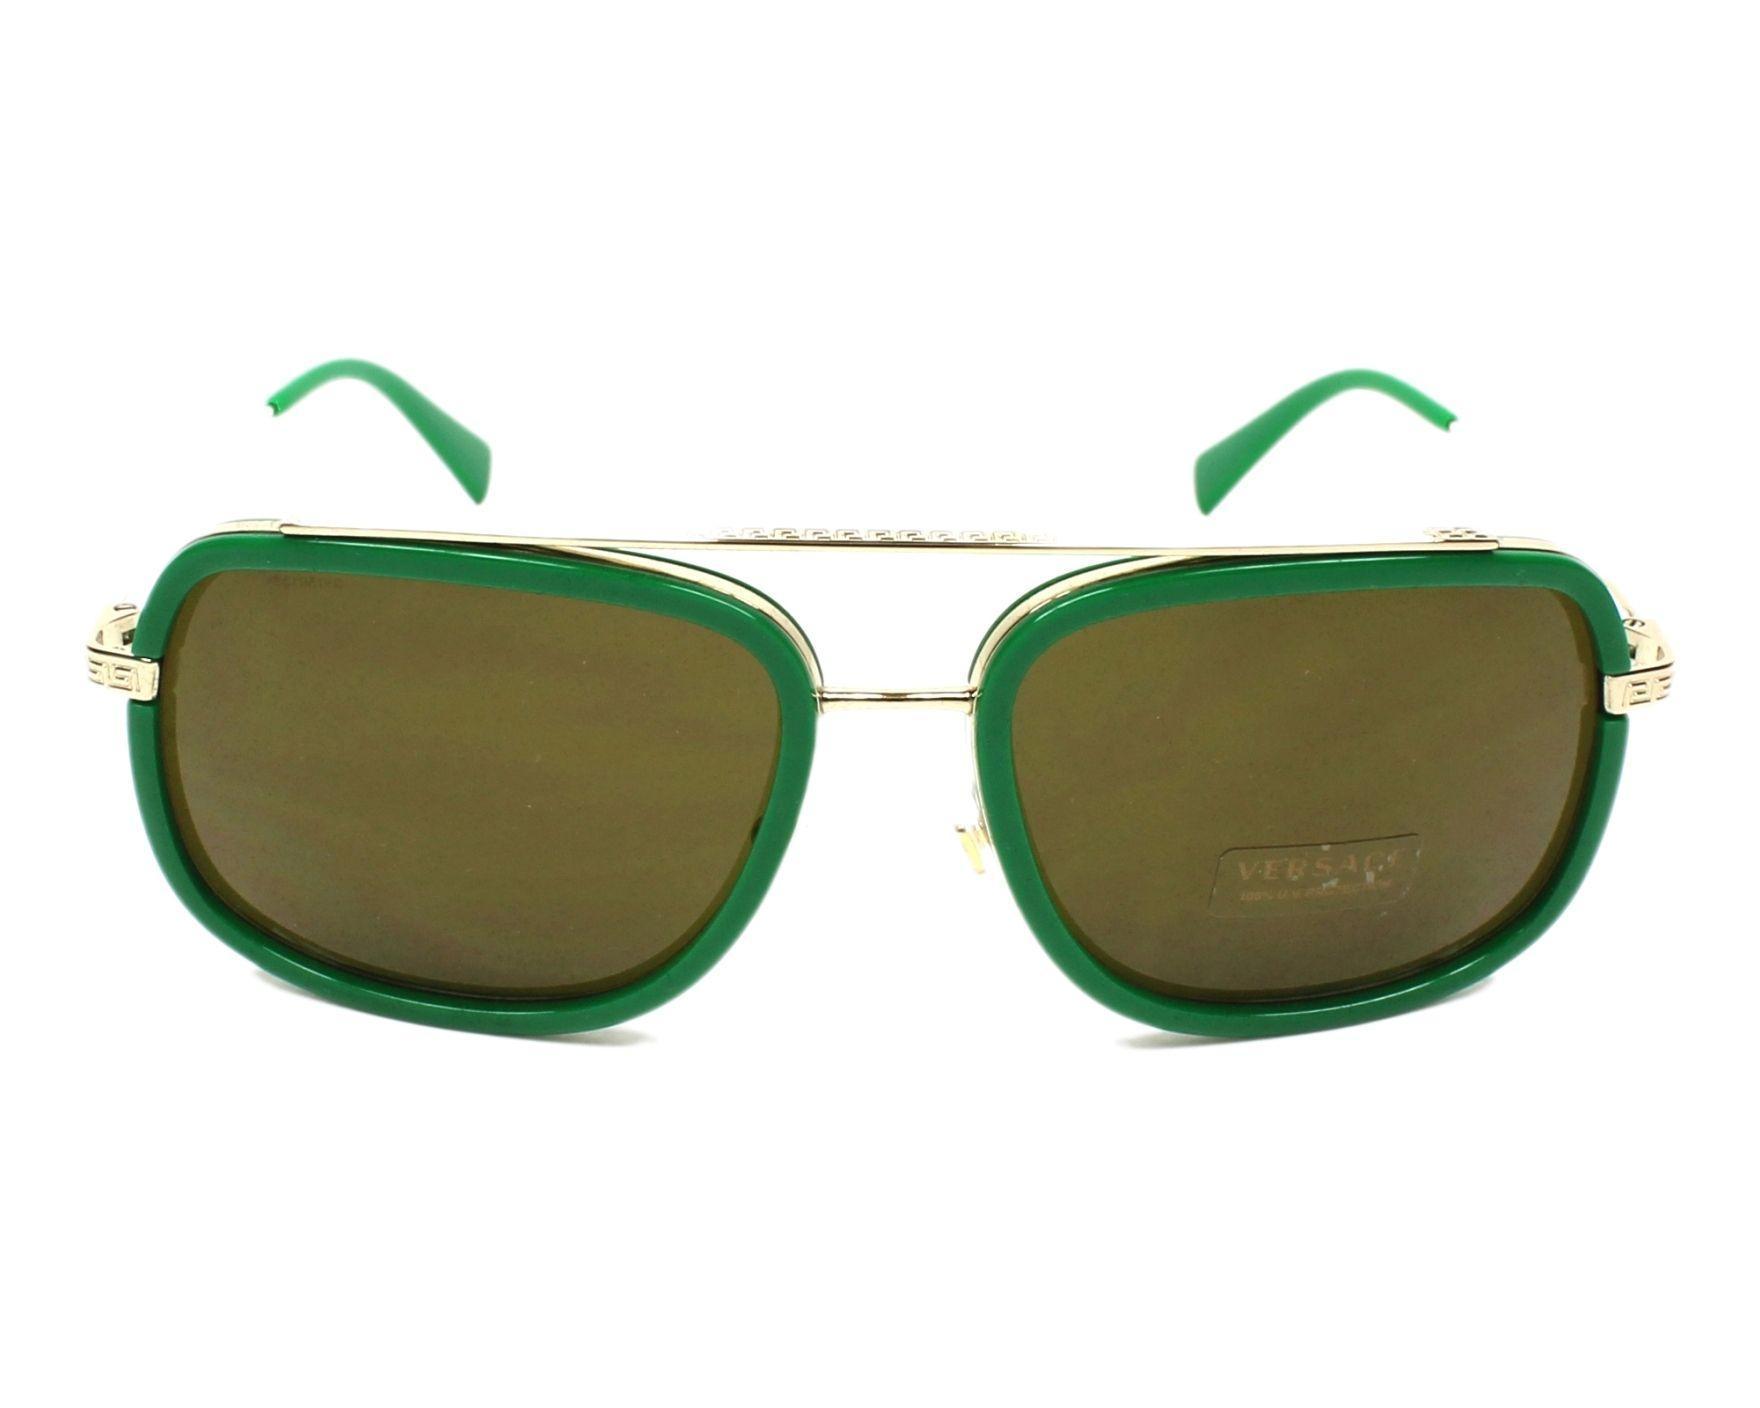 Lunettes de soleil Versace VE-2173 139073 60-18 Vert Or vue de face c1d25e2abb4d